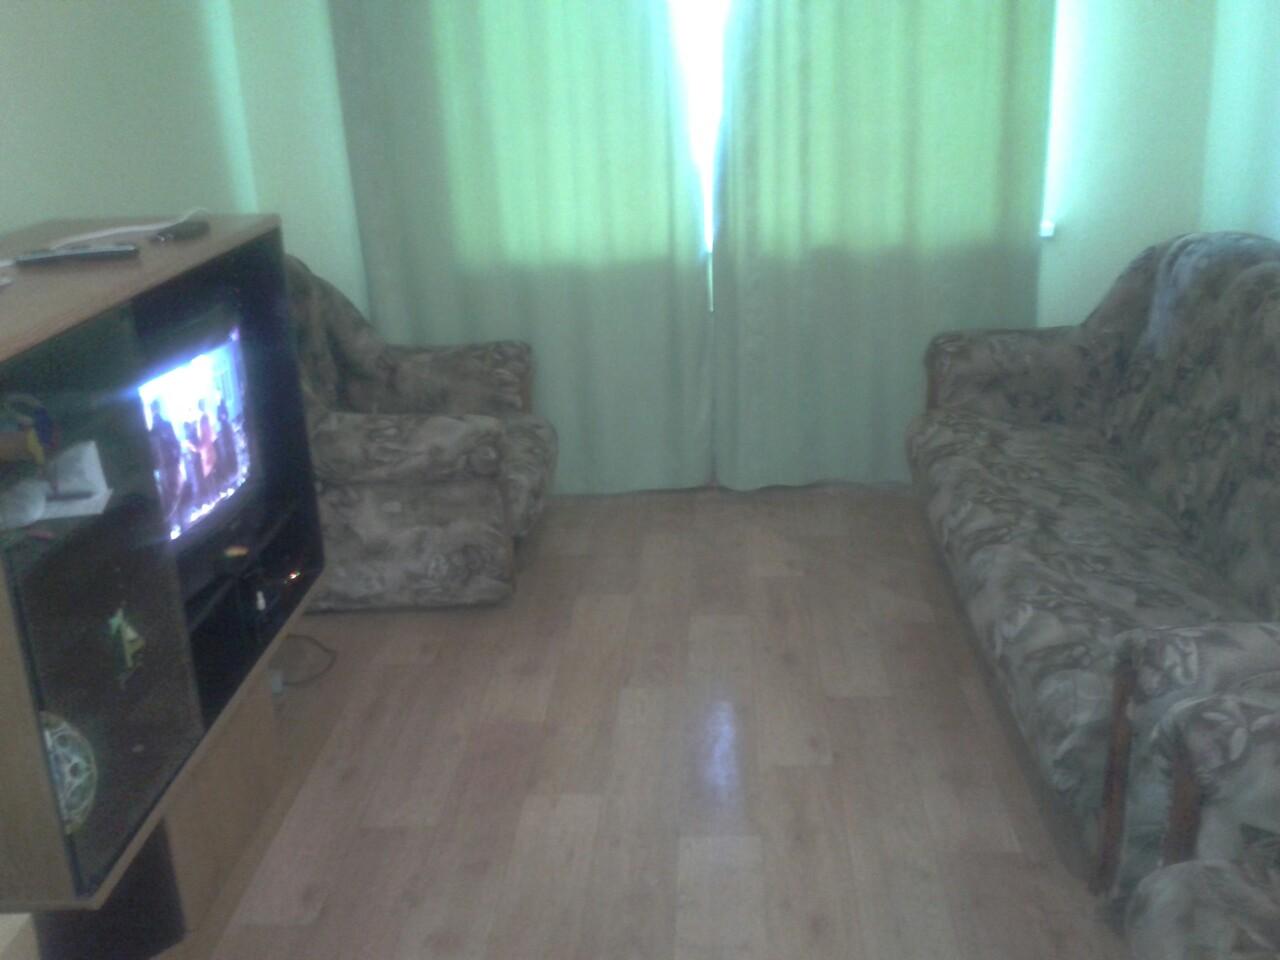 Сдам 1-комнатную квартиру в городе Саратов, на улице Огородная,  140, 6-этаж 10-этажного кирпичный дома, площадь: 33/18/8 м2